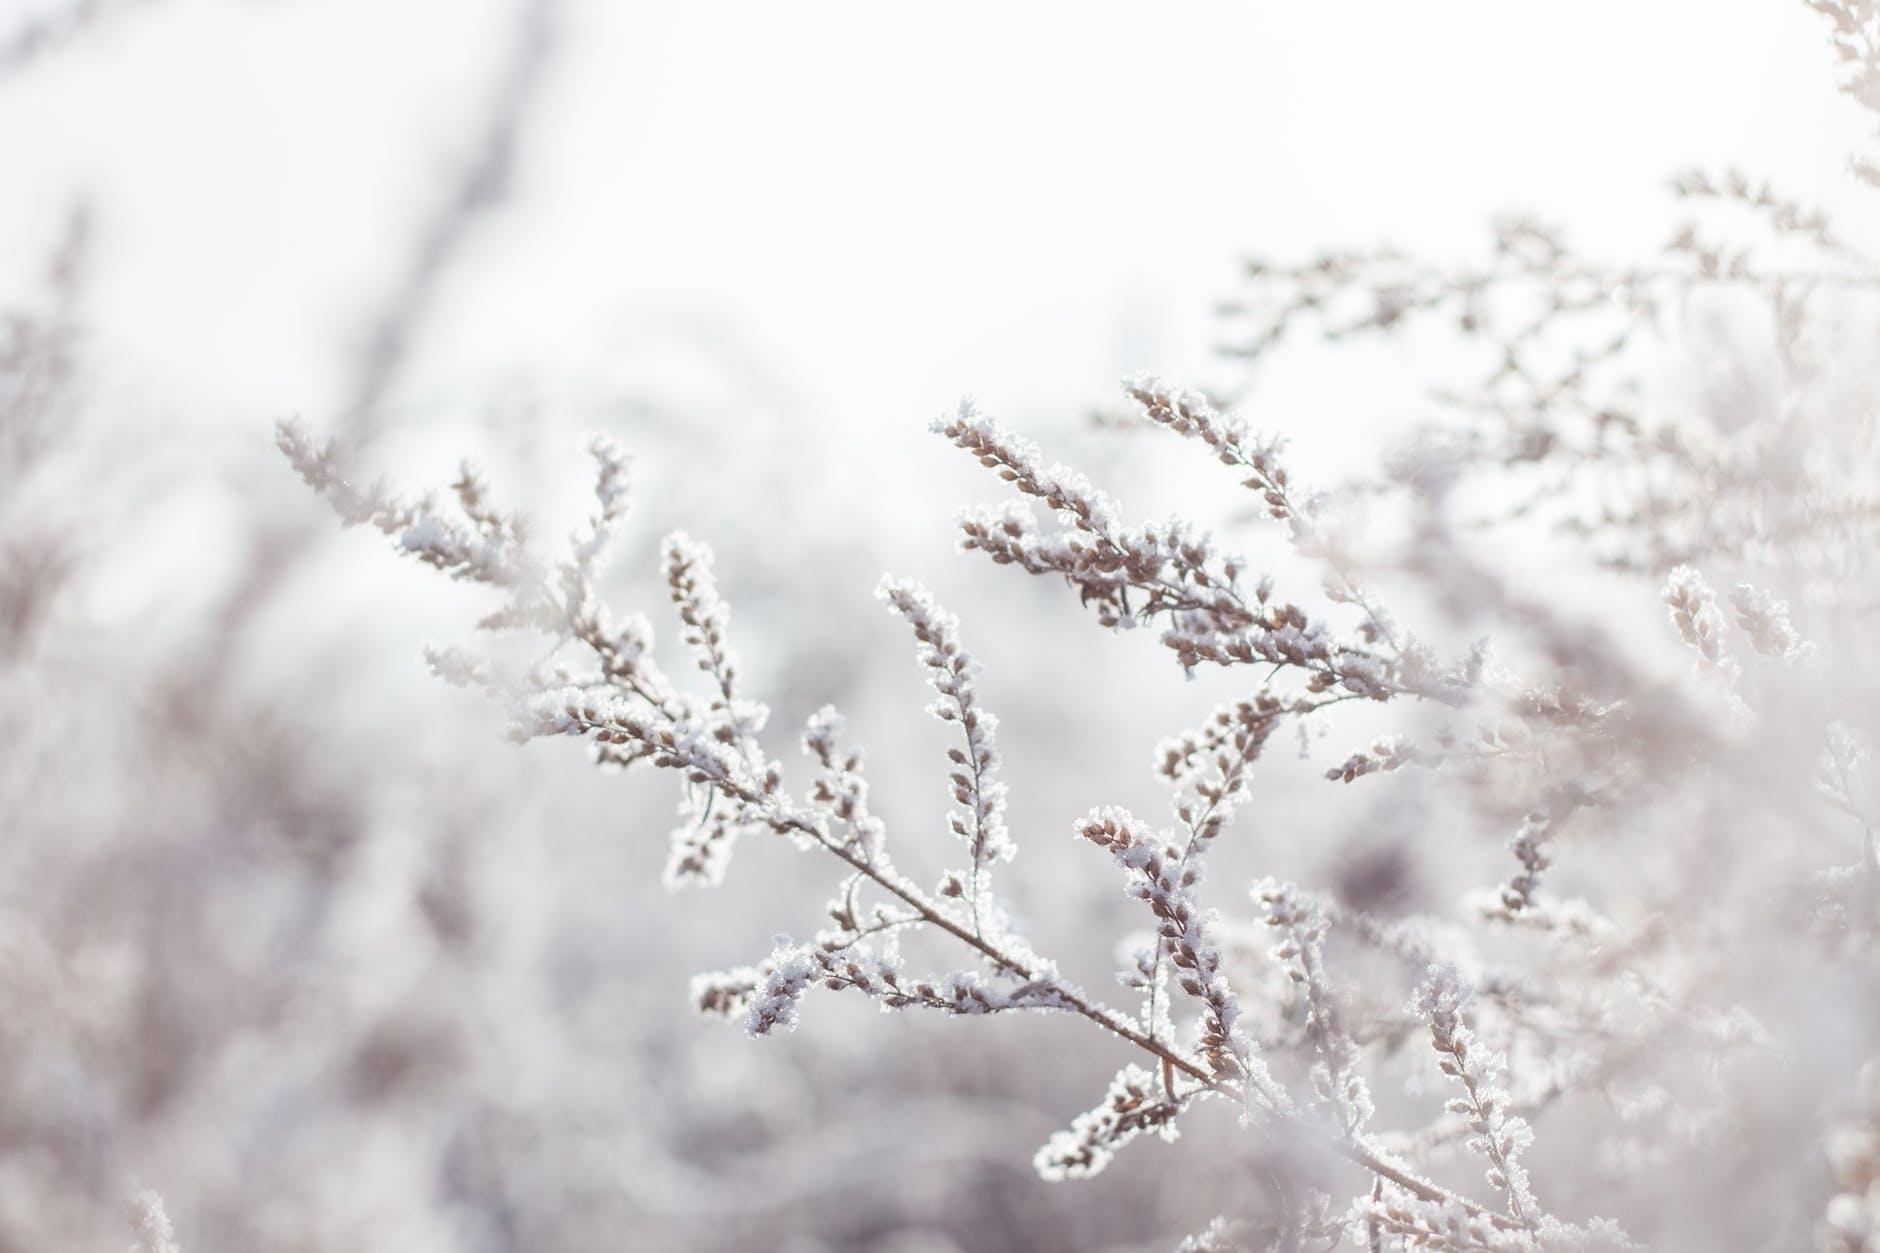 Janvāris Latvijā, iespējams, kļūs par siltāko novērojumu vēsturē